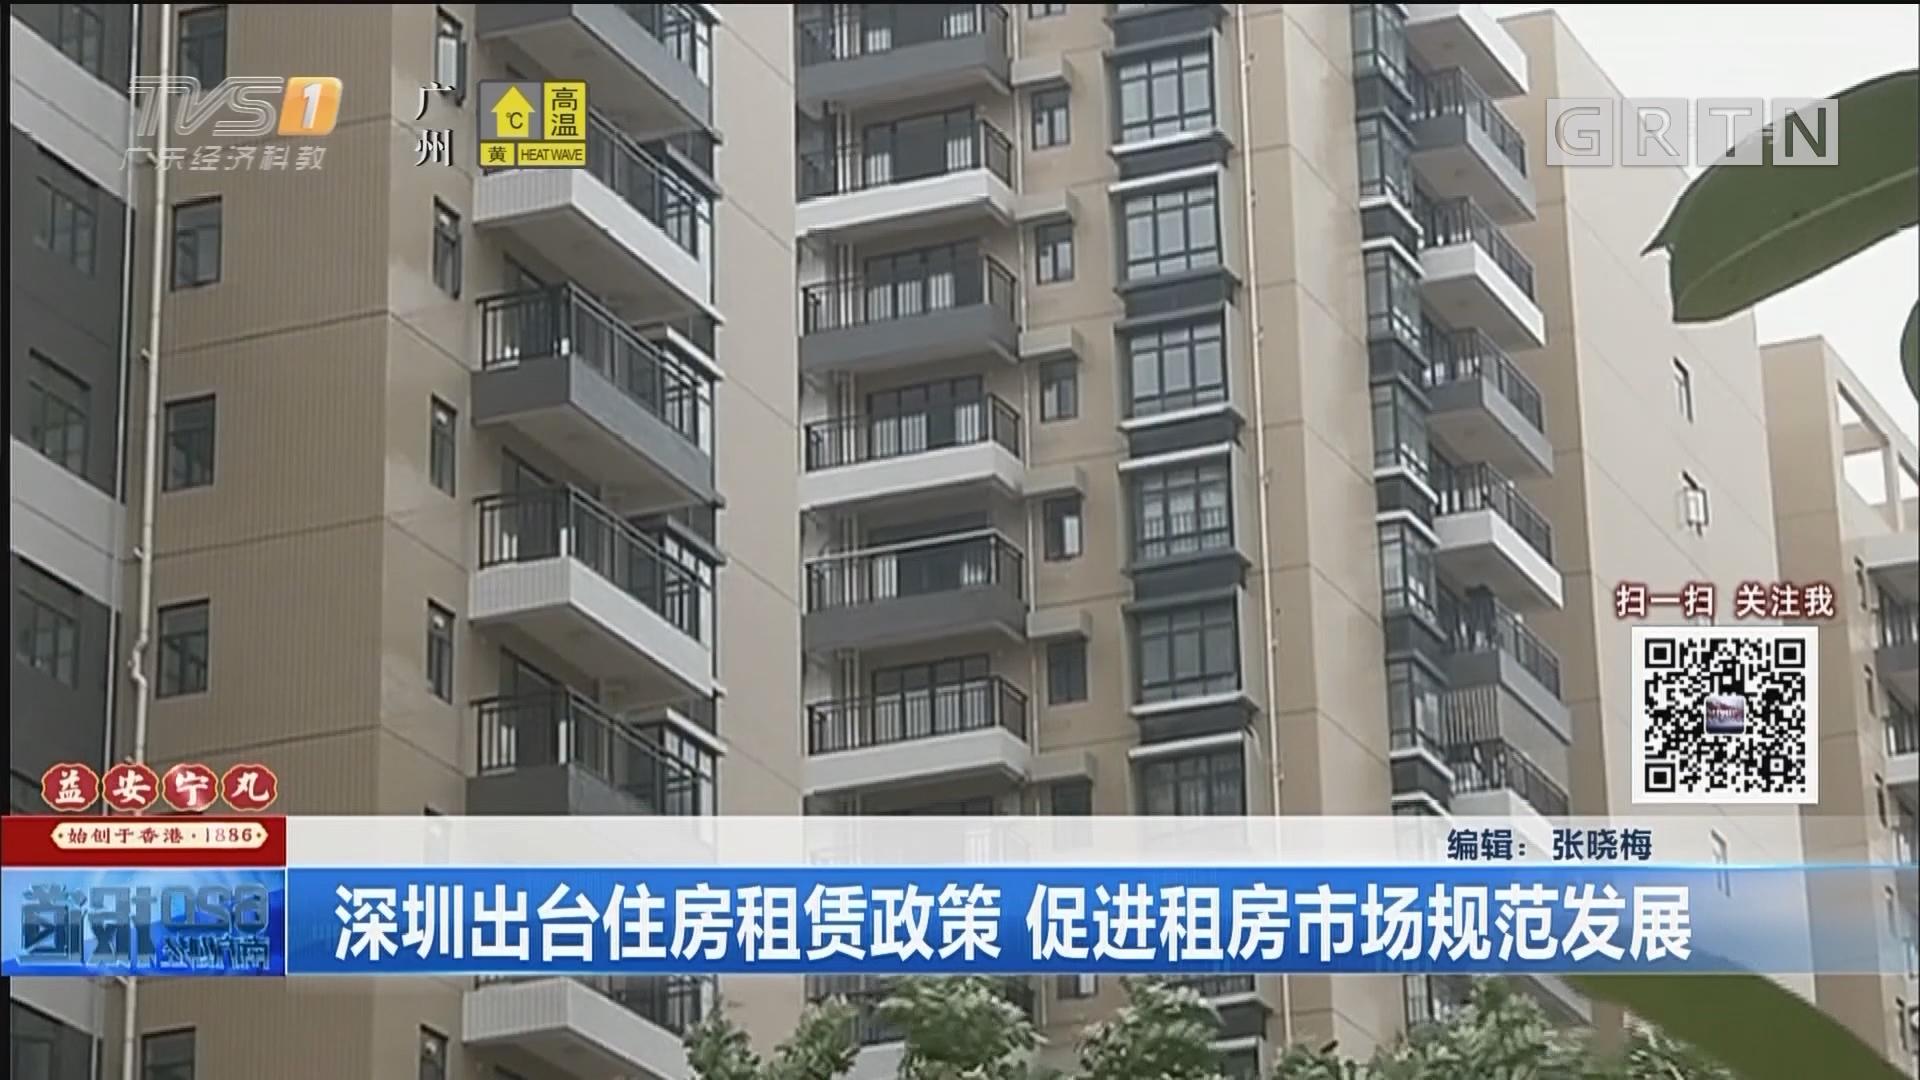 深圳出台住房租赁政策 促进租房市场规范发展